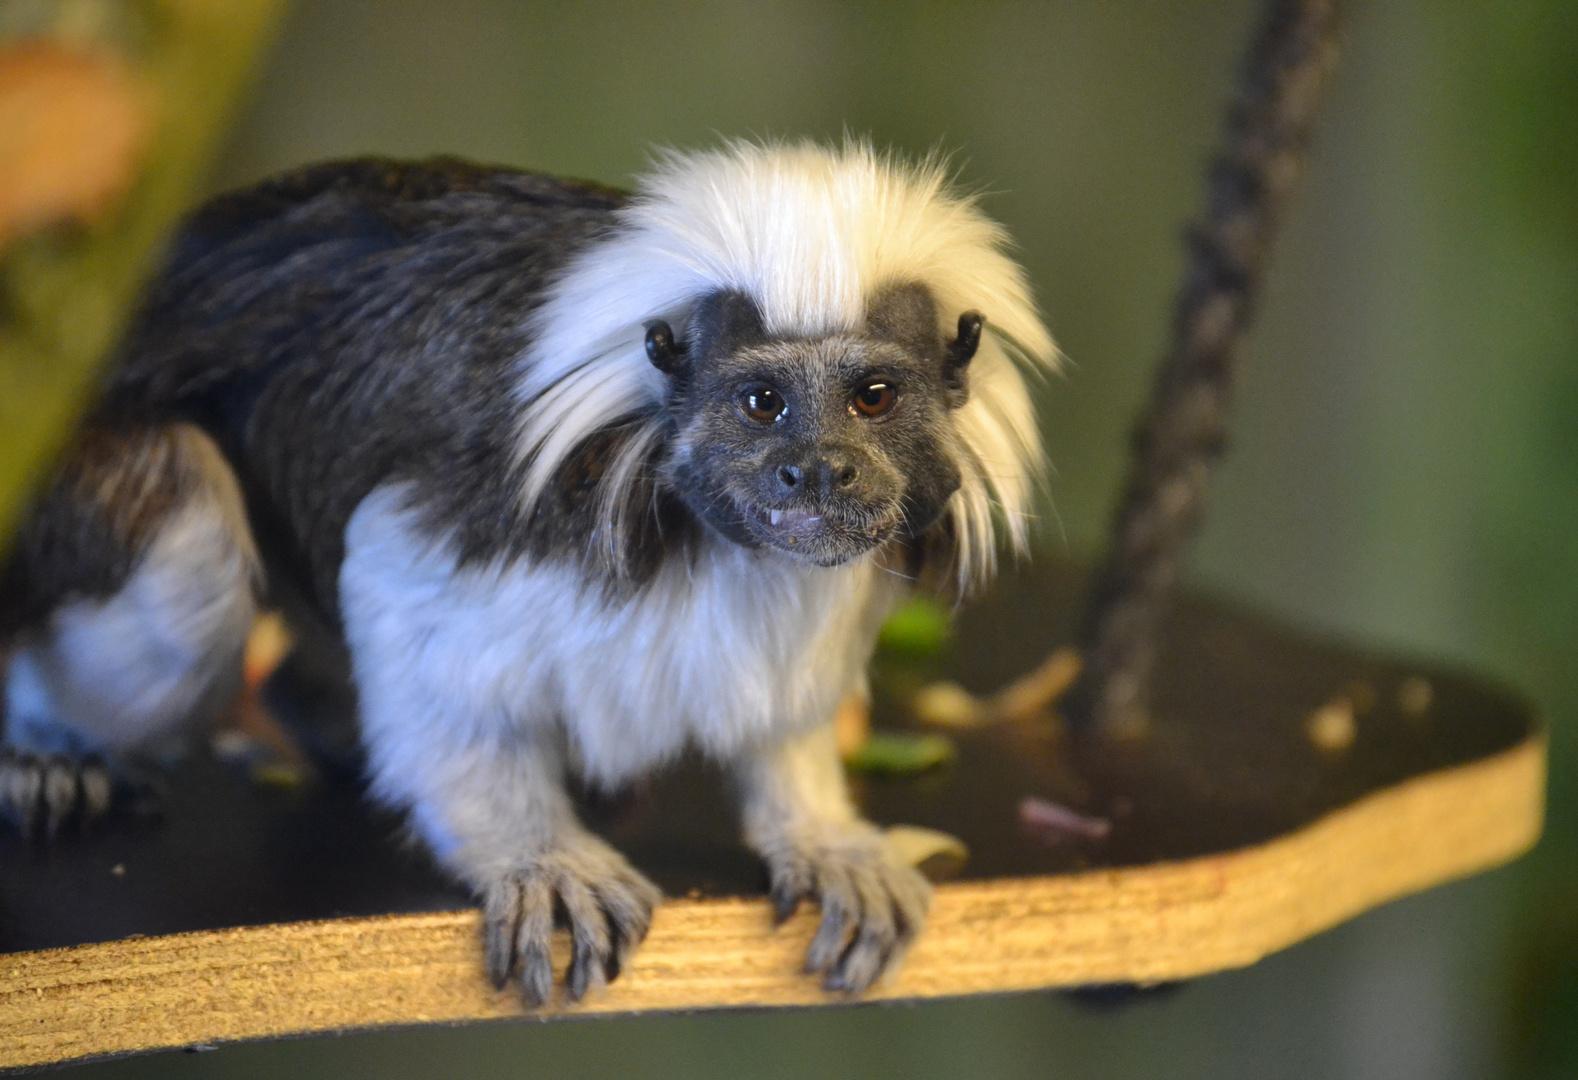 Lisztäffchen im Zoo in der Wingst